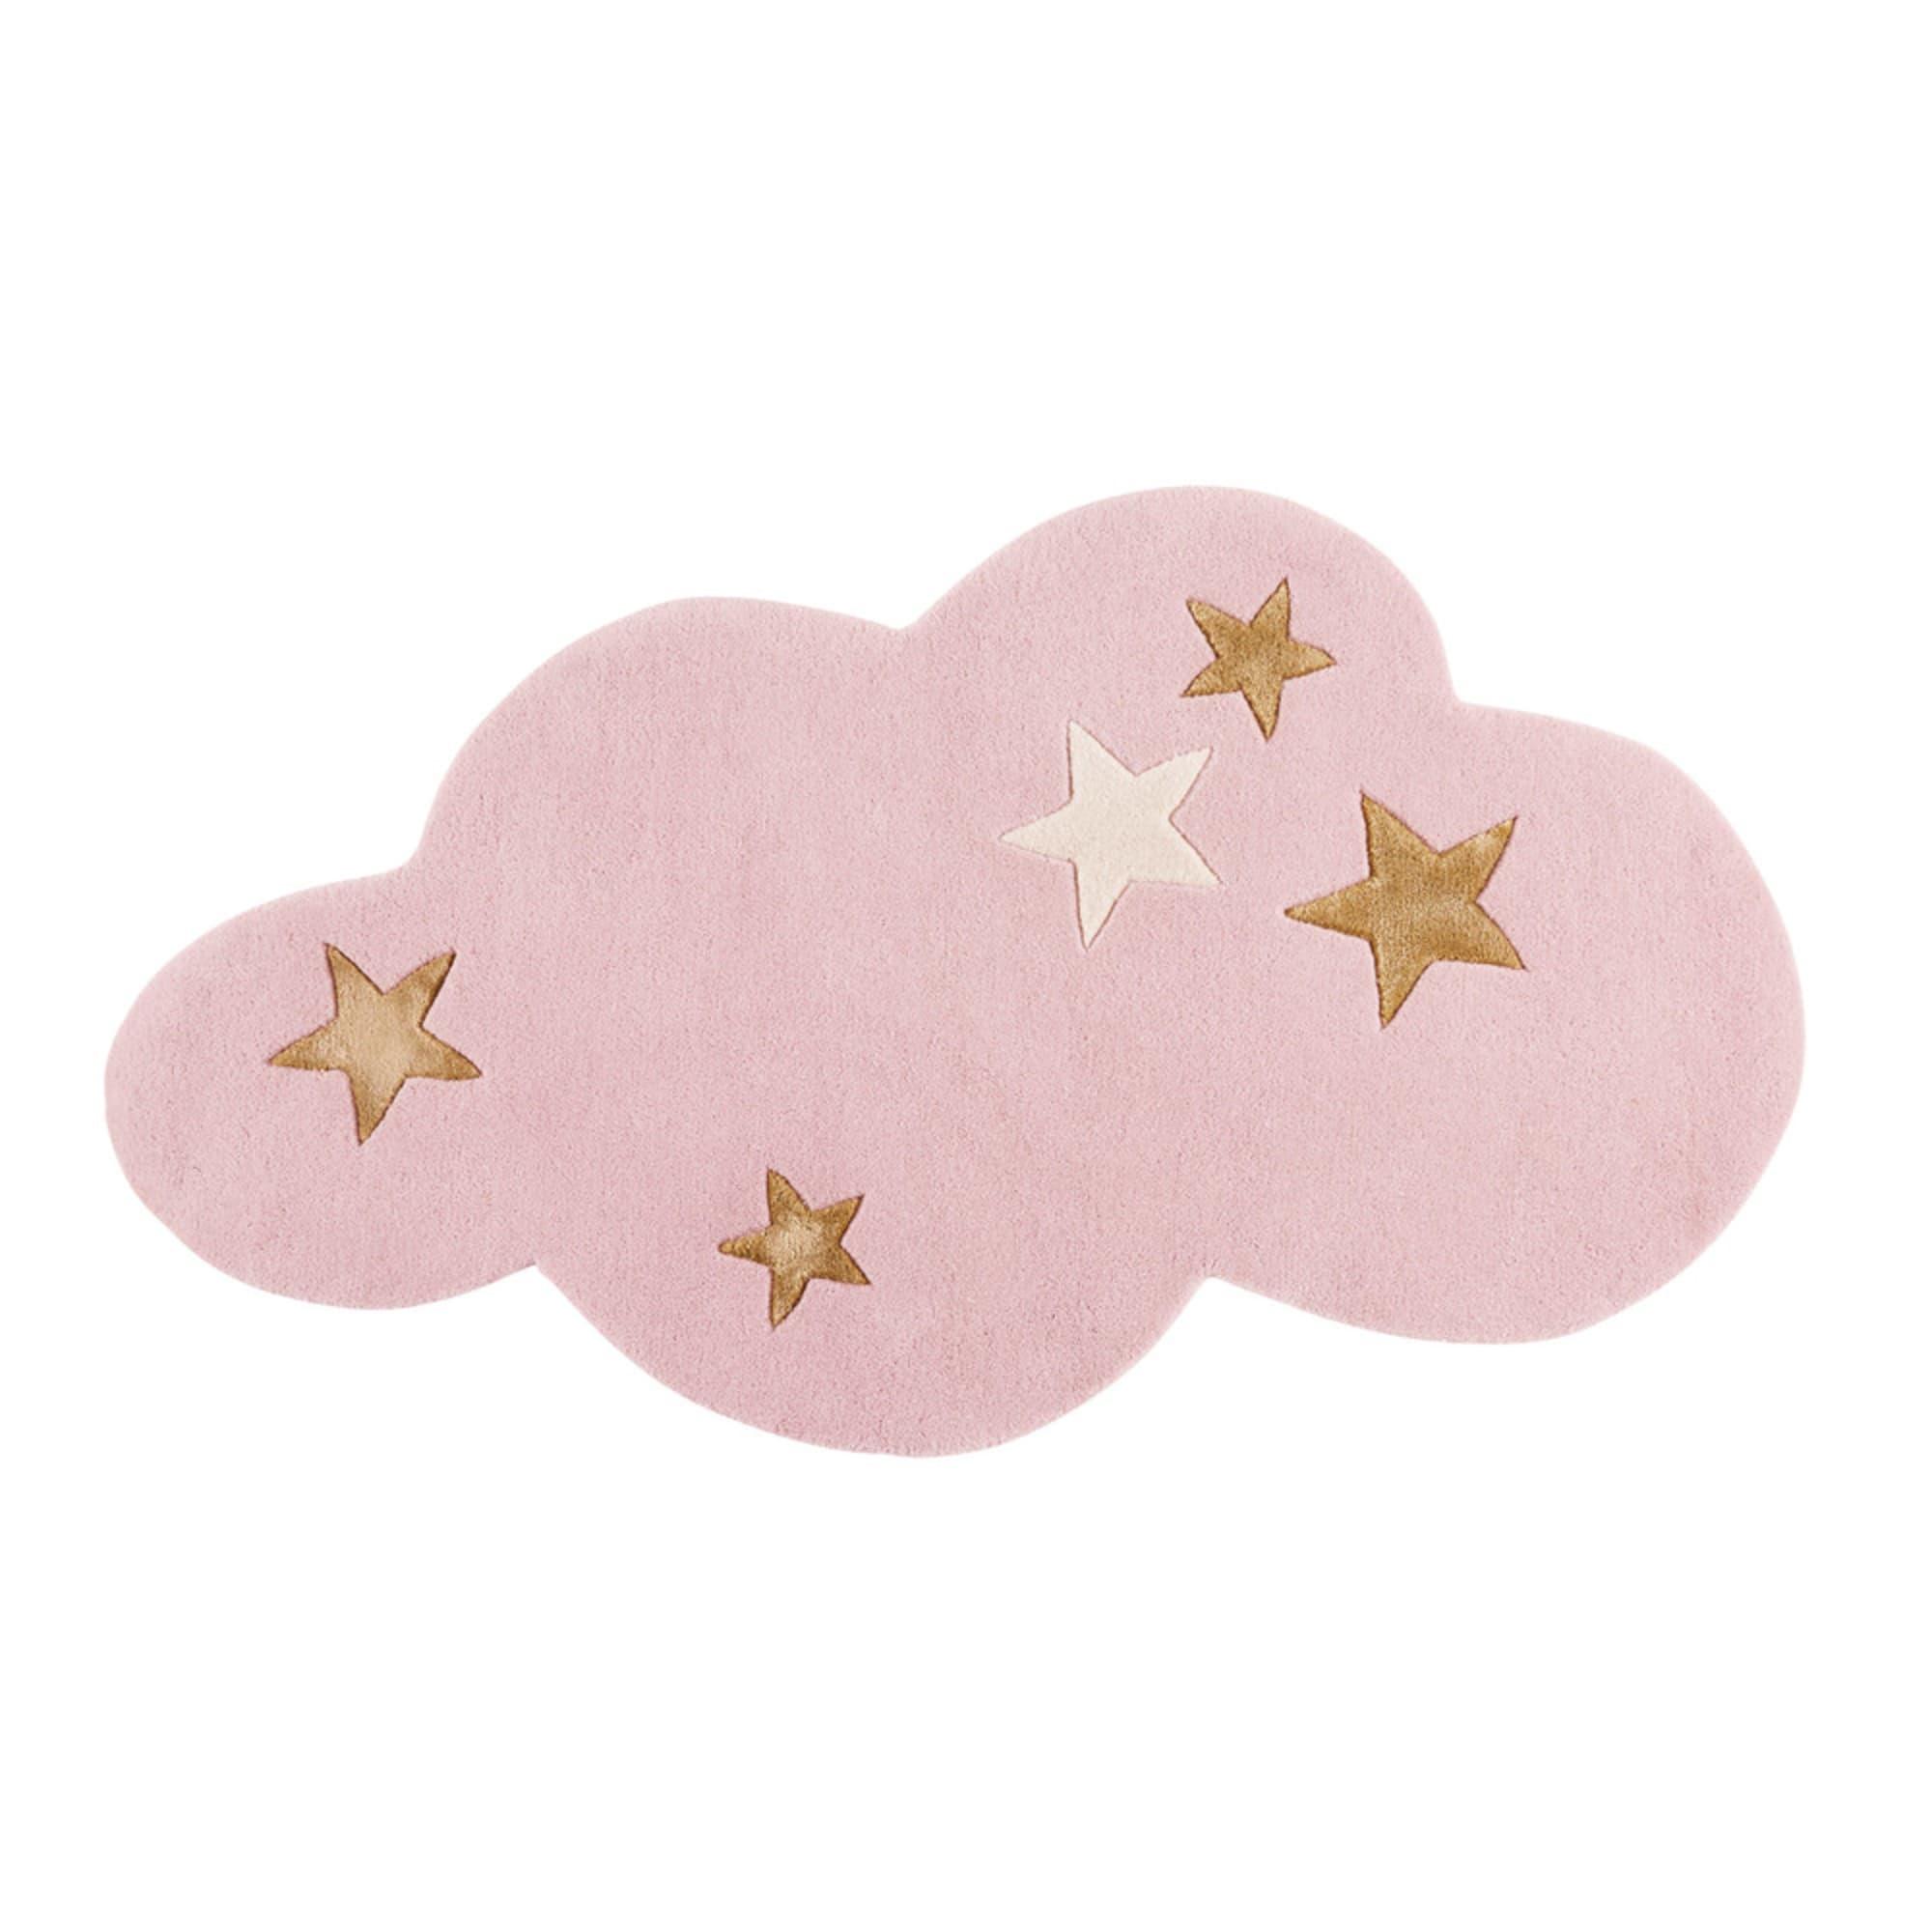 tapis-nuage-en-laine-rose-130x75-1000-6-